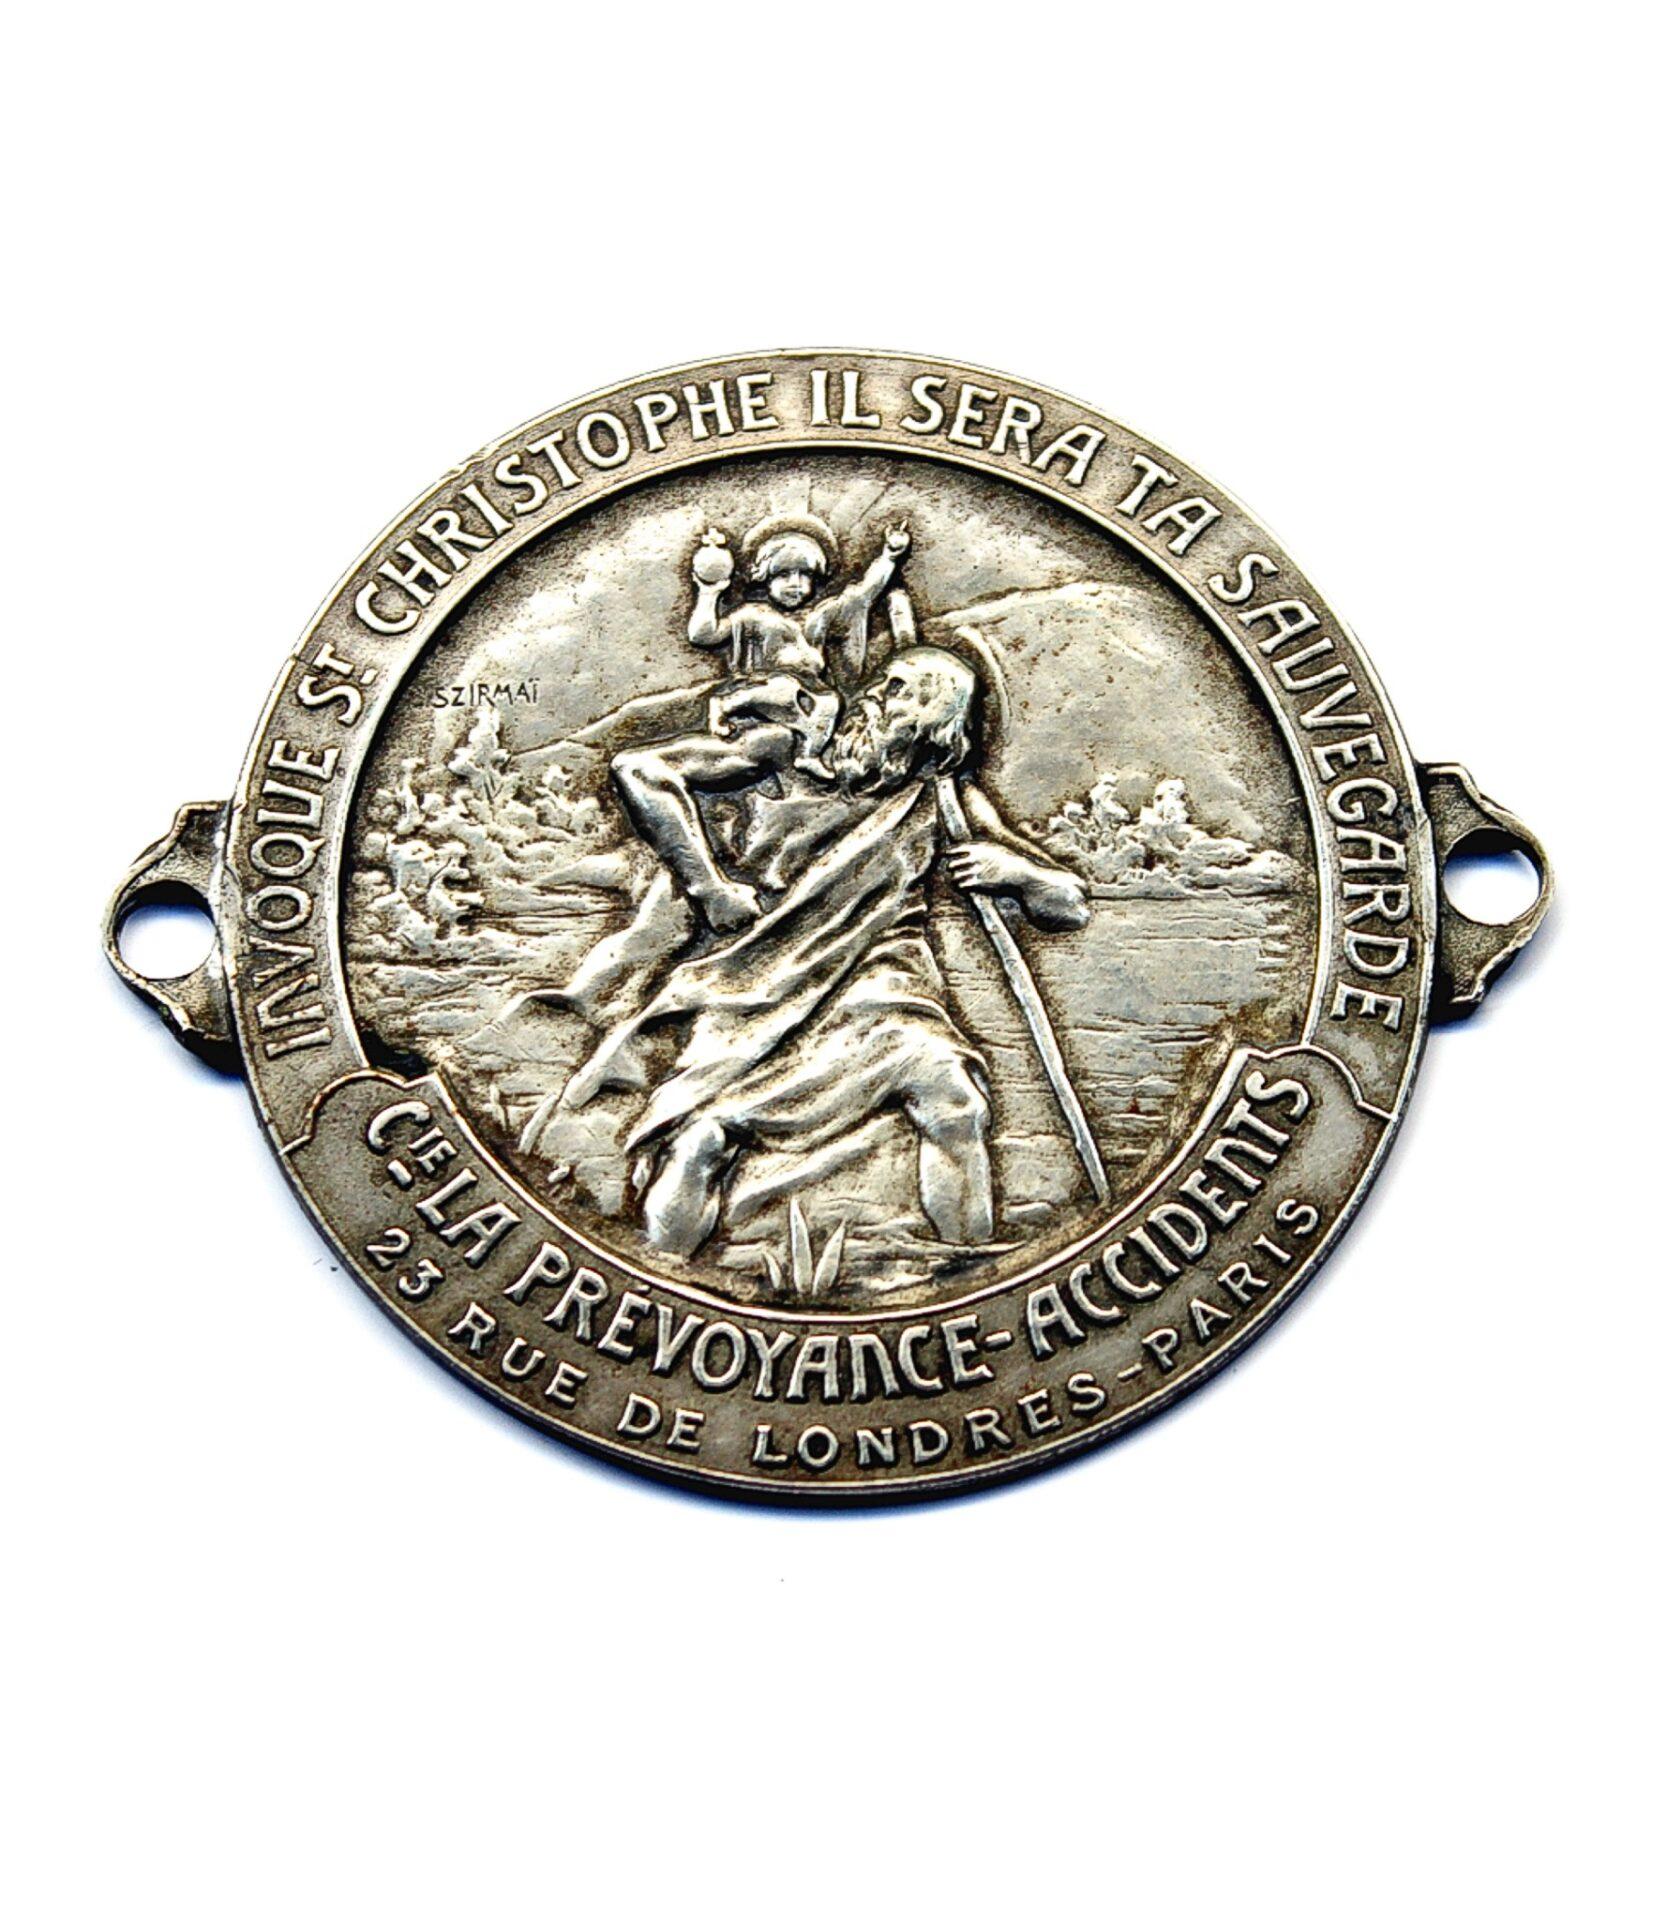 St. Christopher badge by Tony Szirmai